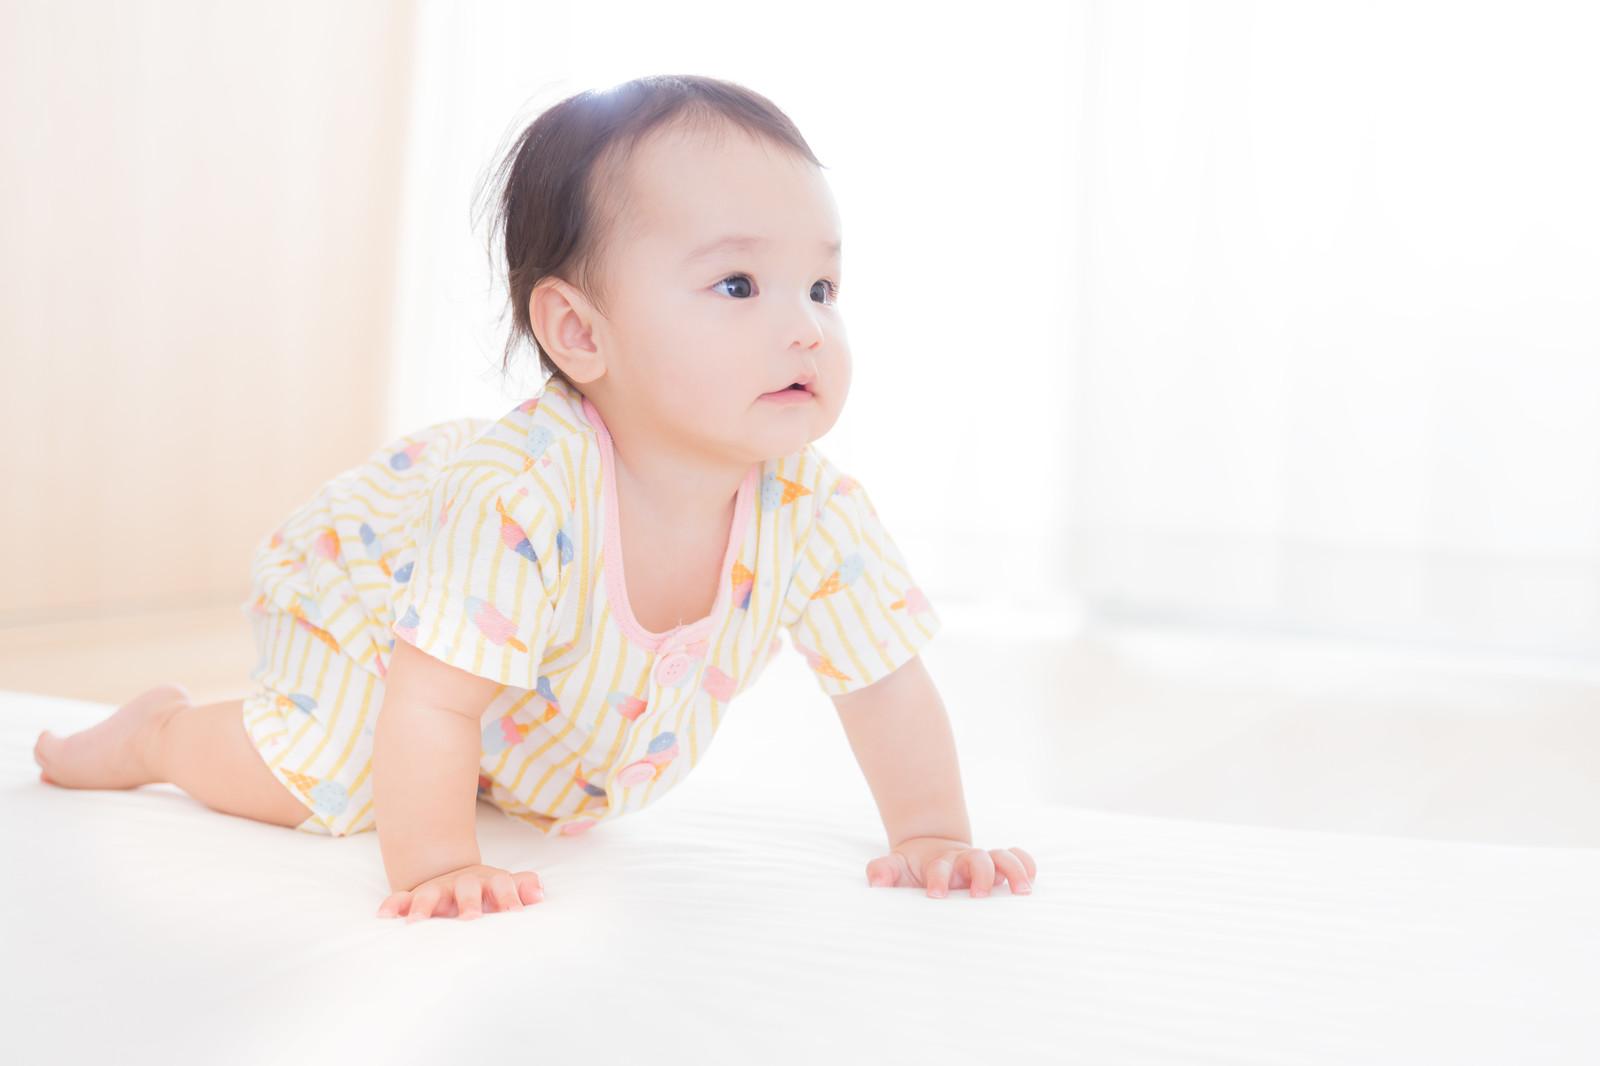 ハイハイの赤ちゃん